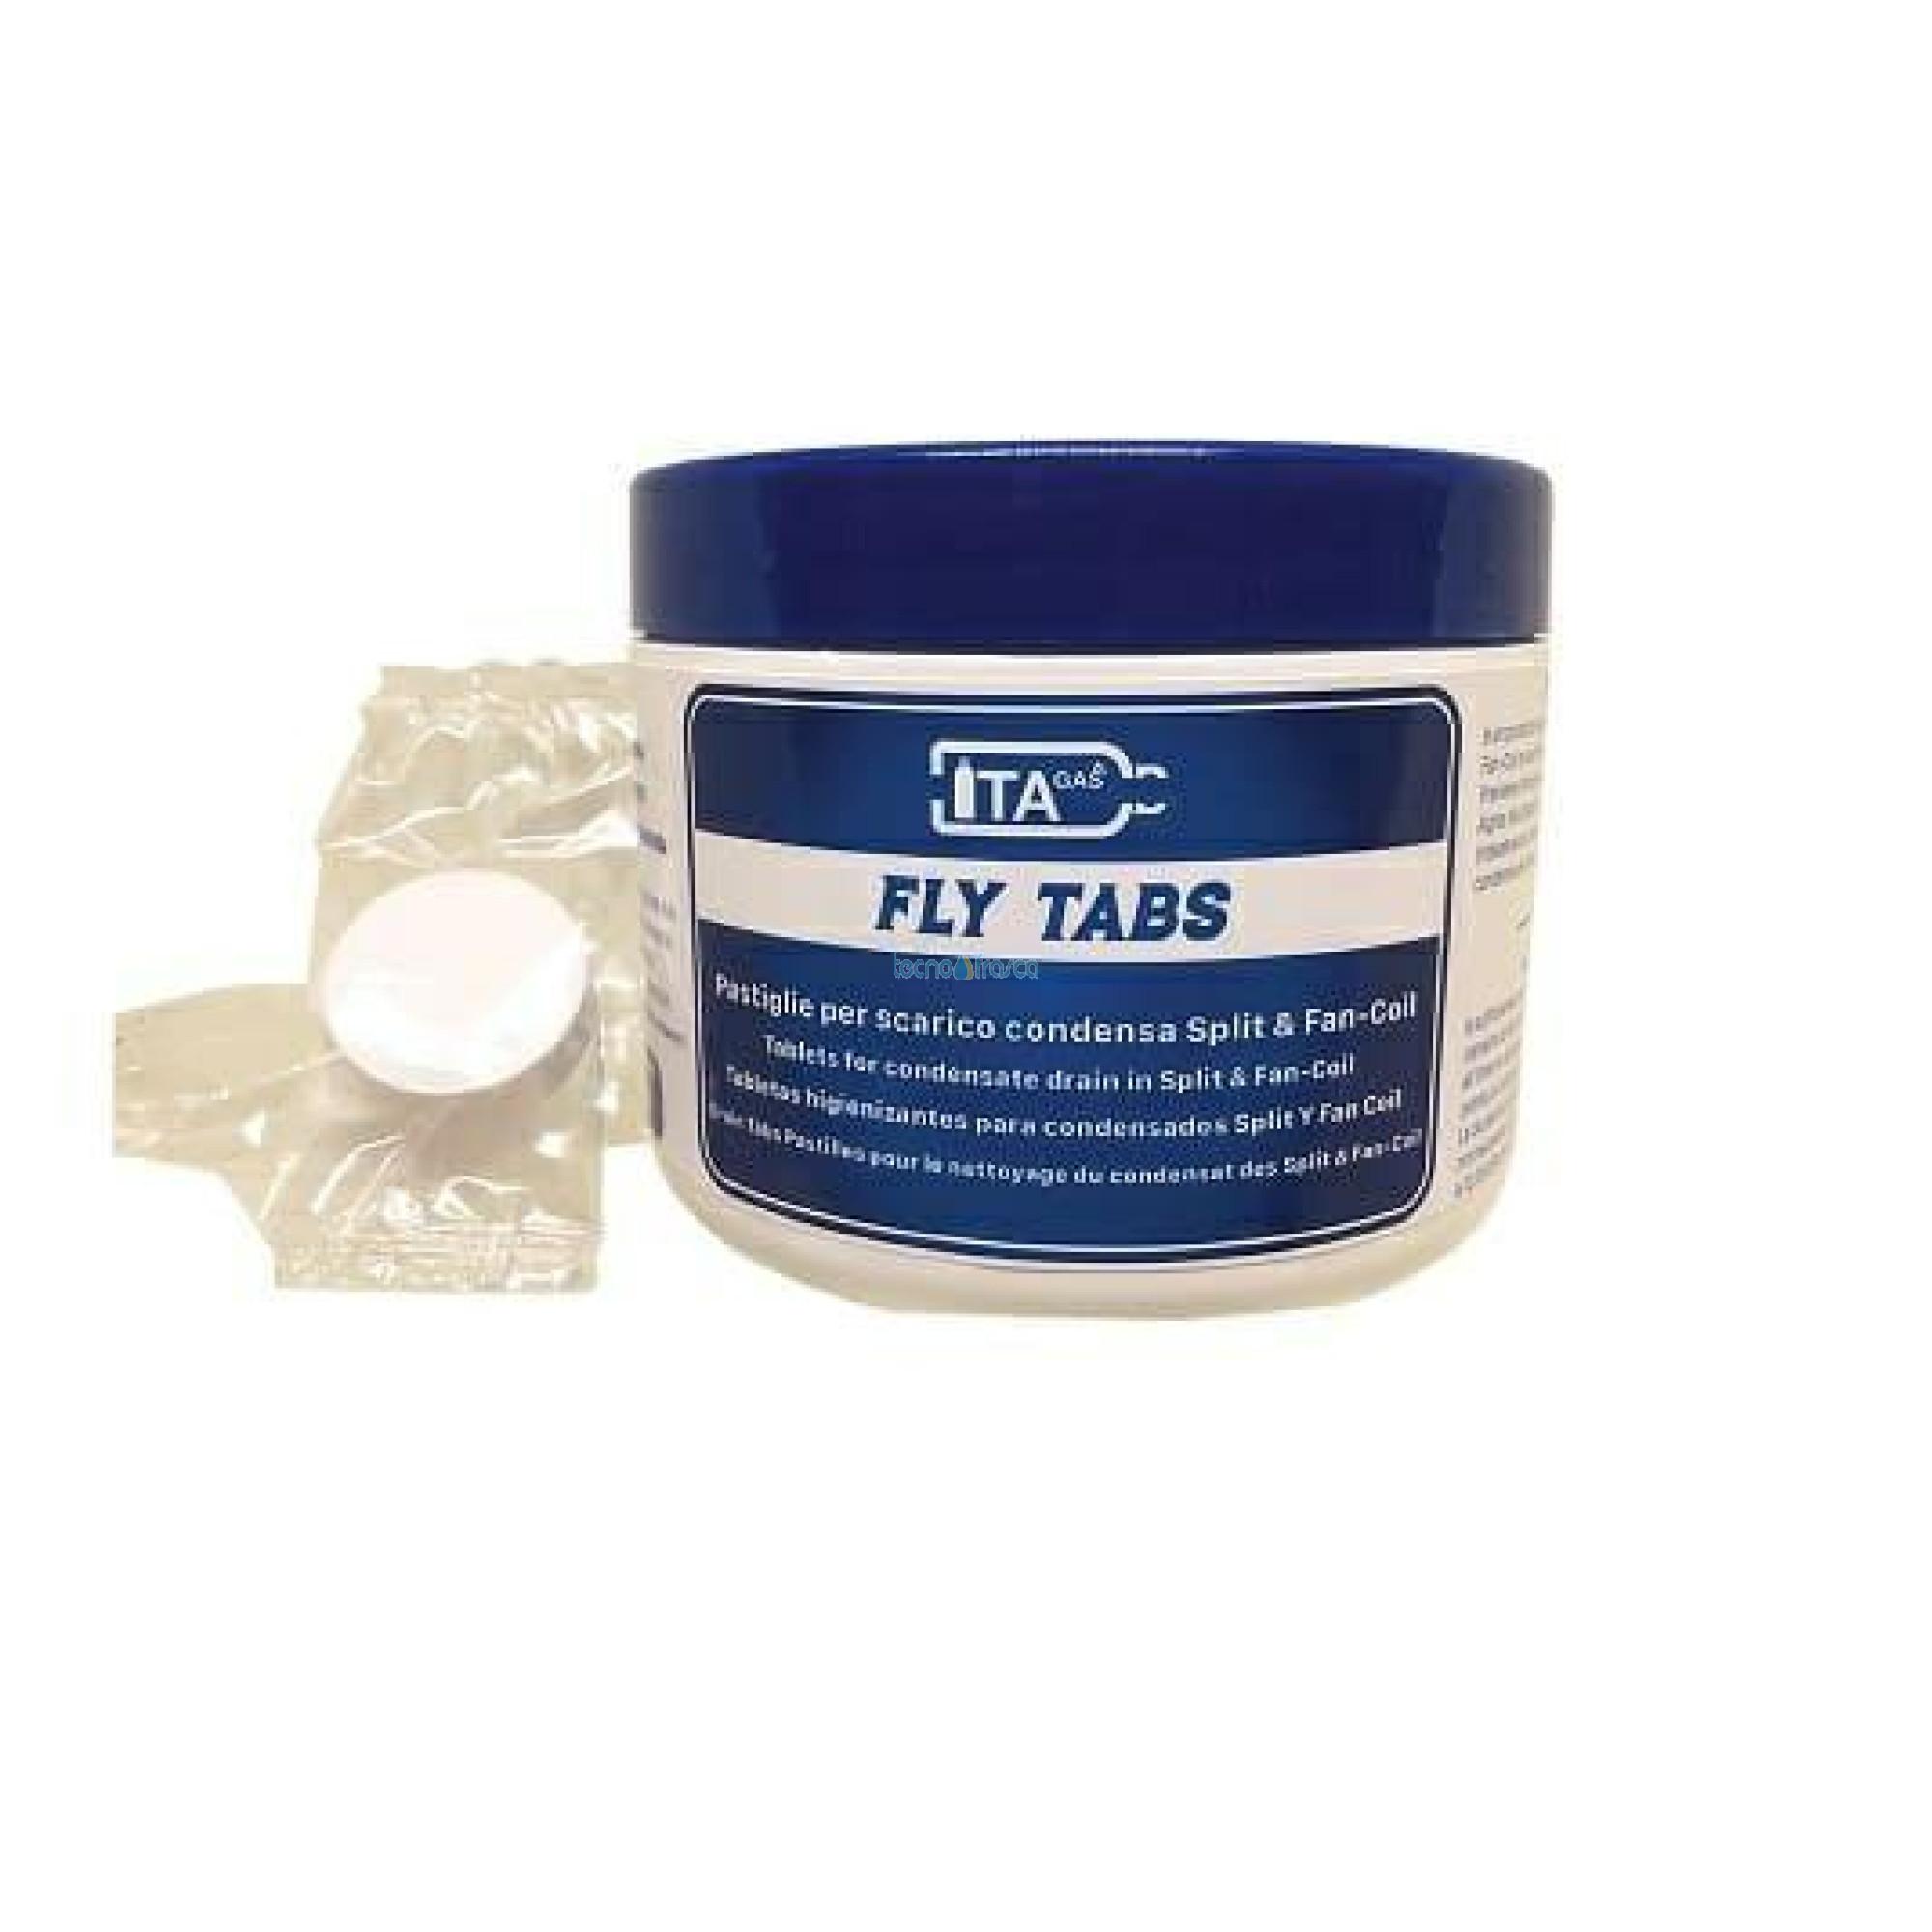 Pastiglie per scarico condensa split e fancoil fly tabs 20 pezzi